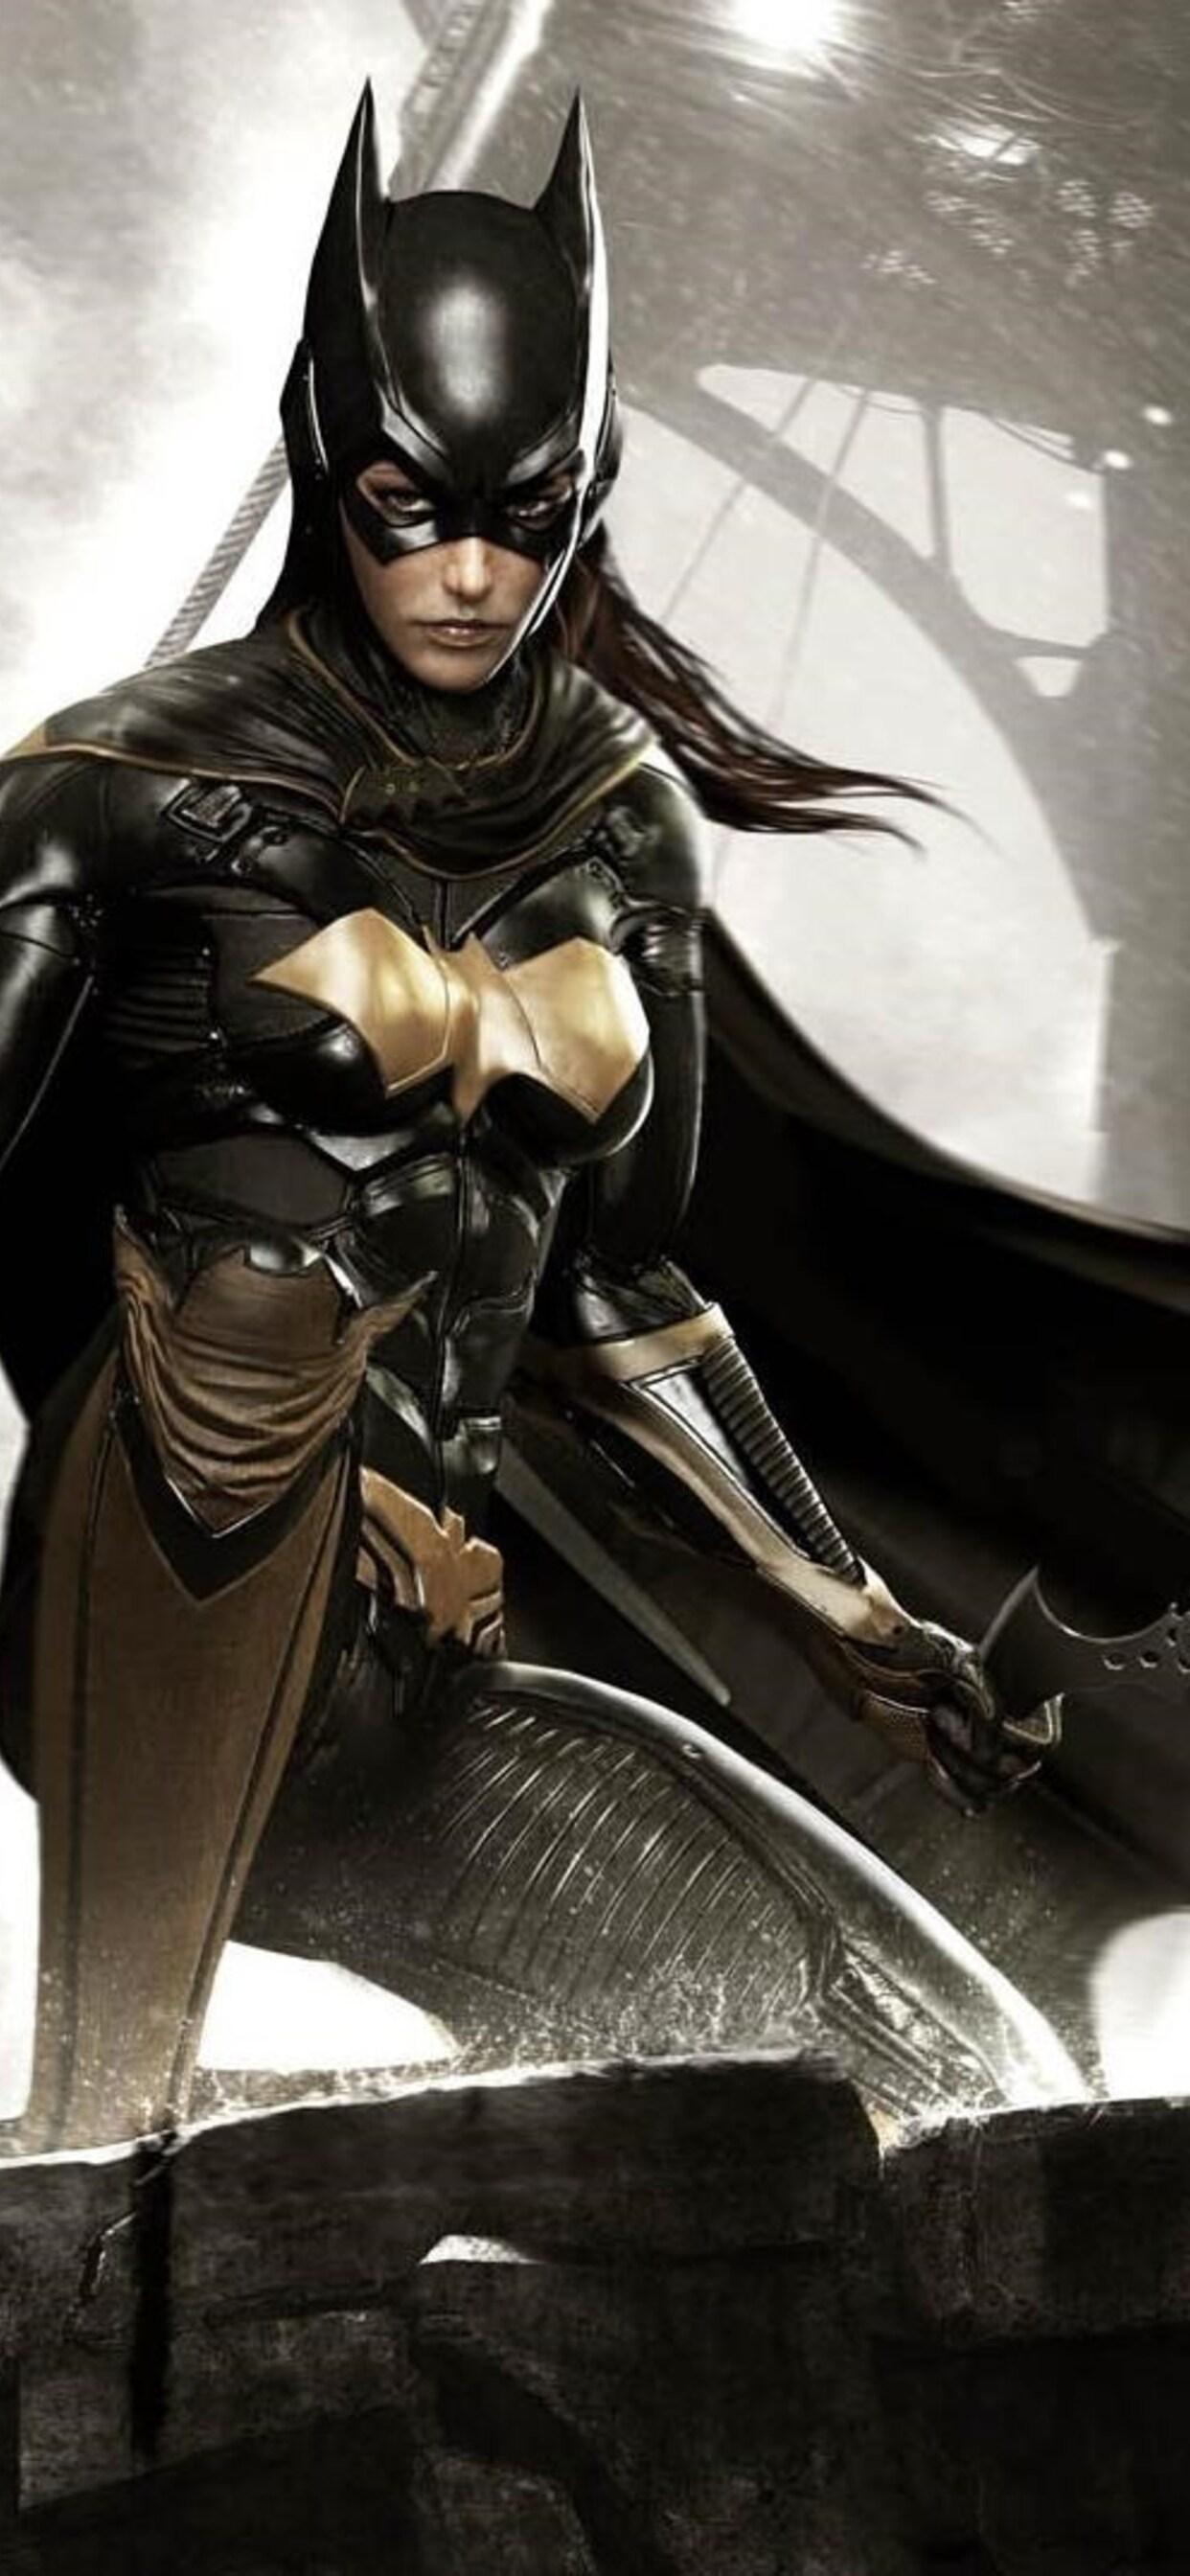 1242x2688 Batman Arkham Knight Batgirl Iphone Xs Max Hd 4k